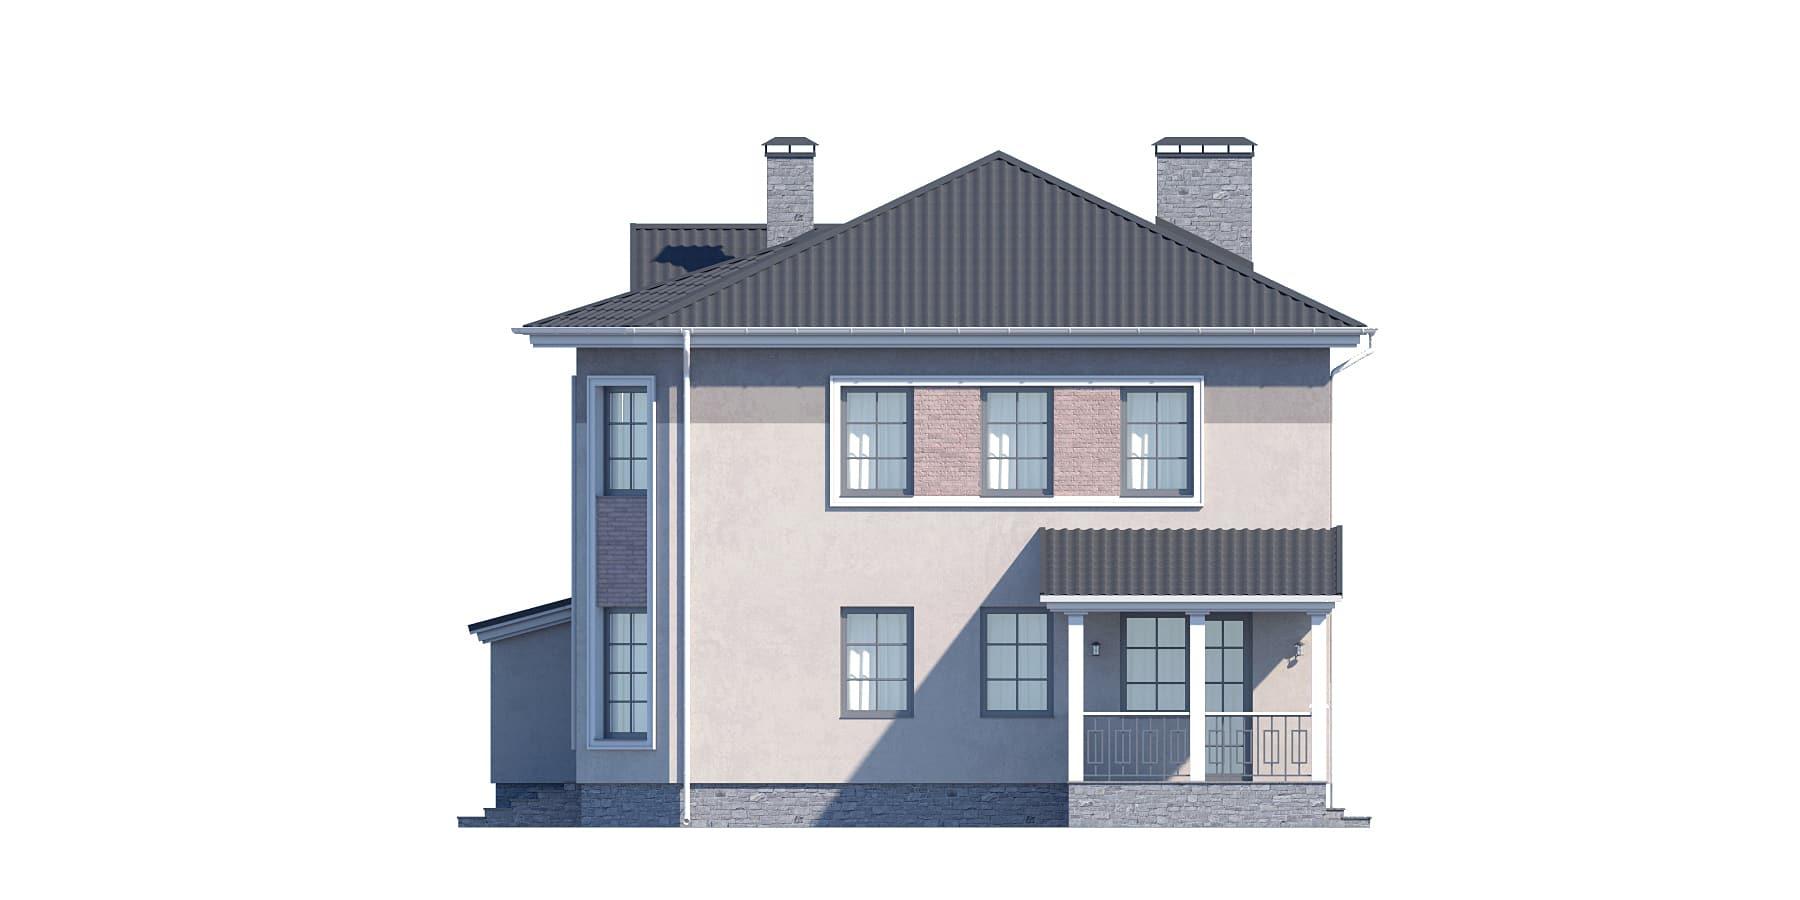 Фасад двухэтажного дома с гаражом, террасой «КД-32» - справа